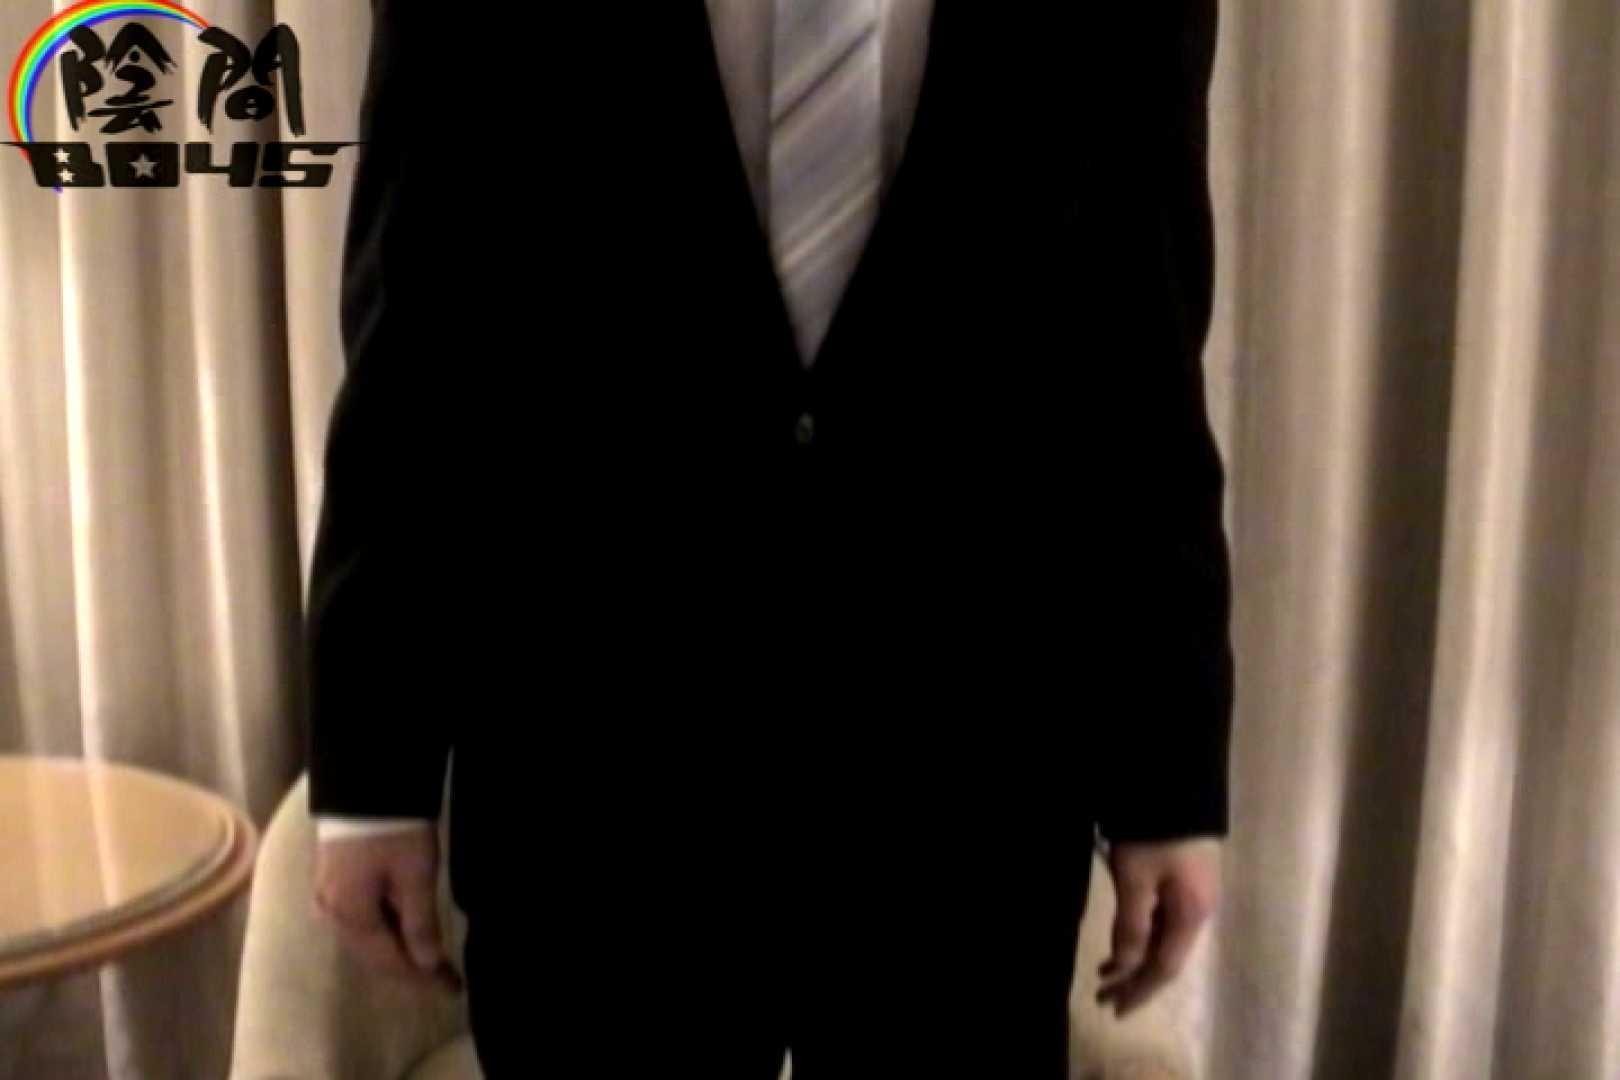 陰間BOYS~IKEMEN Interview~01  アナル  74pic 11